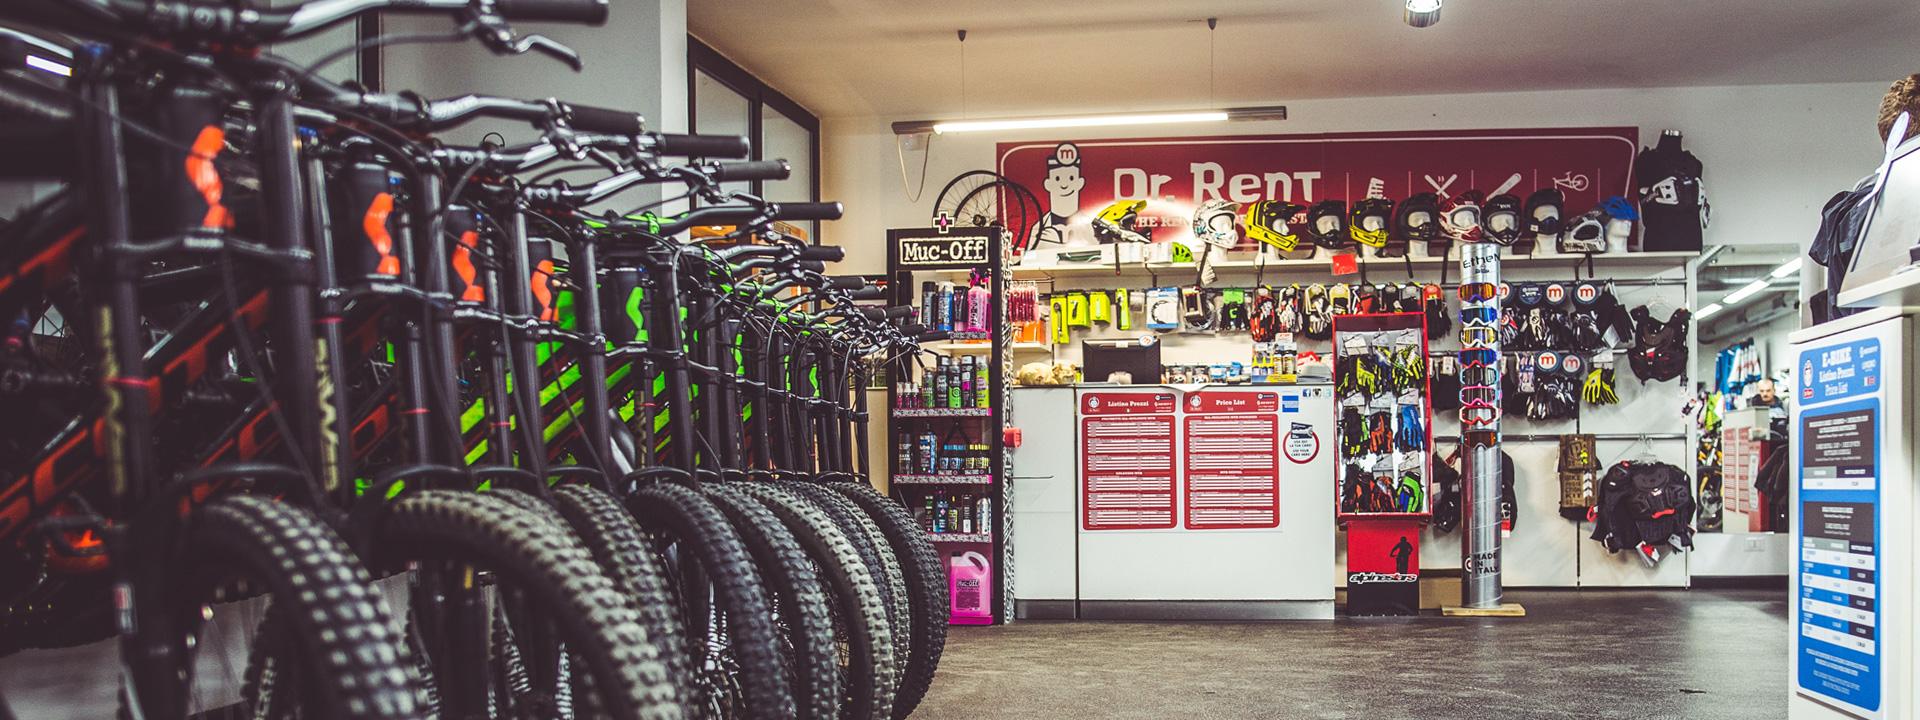 Noleggio bici ed attrezzature di Dr.Rent a Livigno